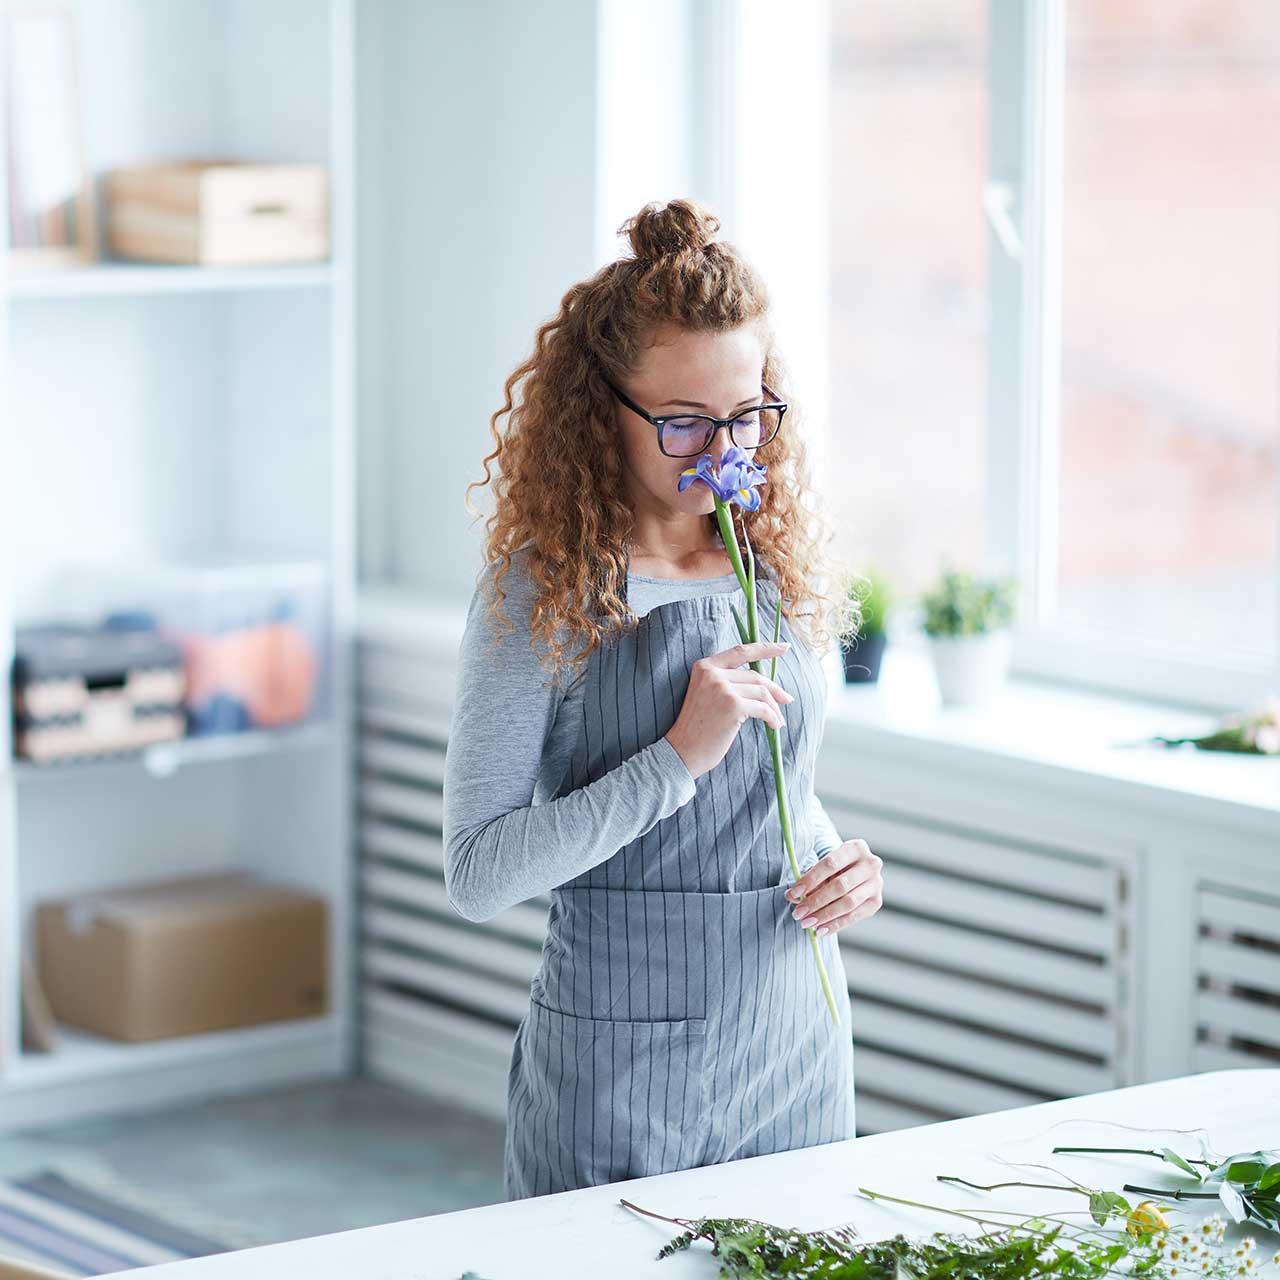 Hogyan lesz jó illat a mi otthonunkban is? Íme 7 biztos tipp!